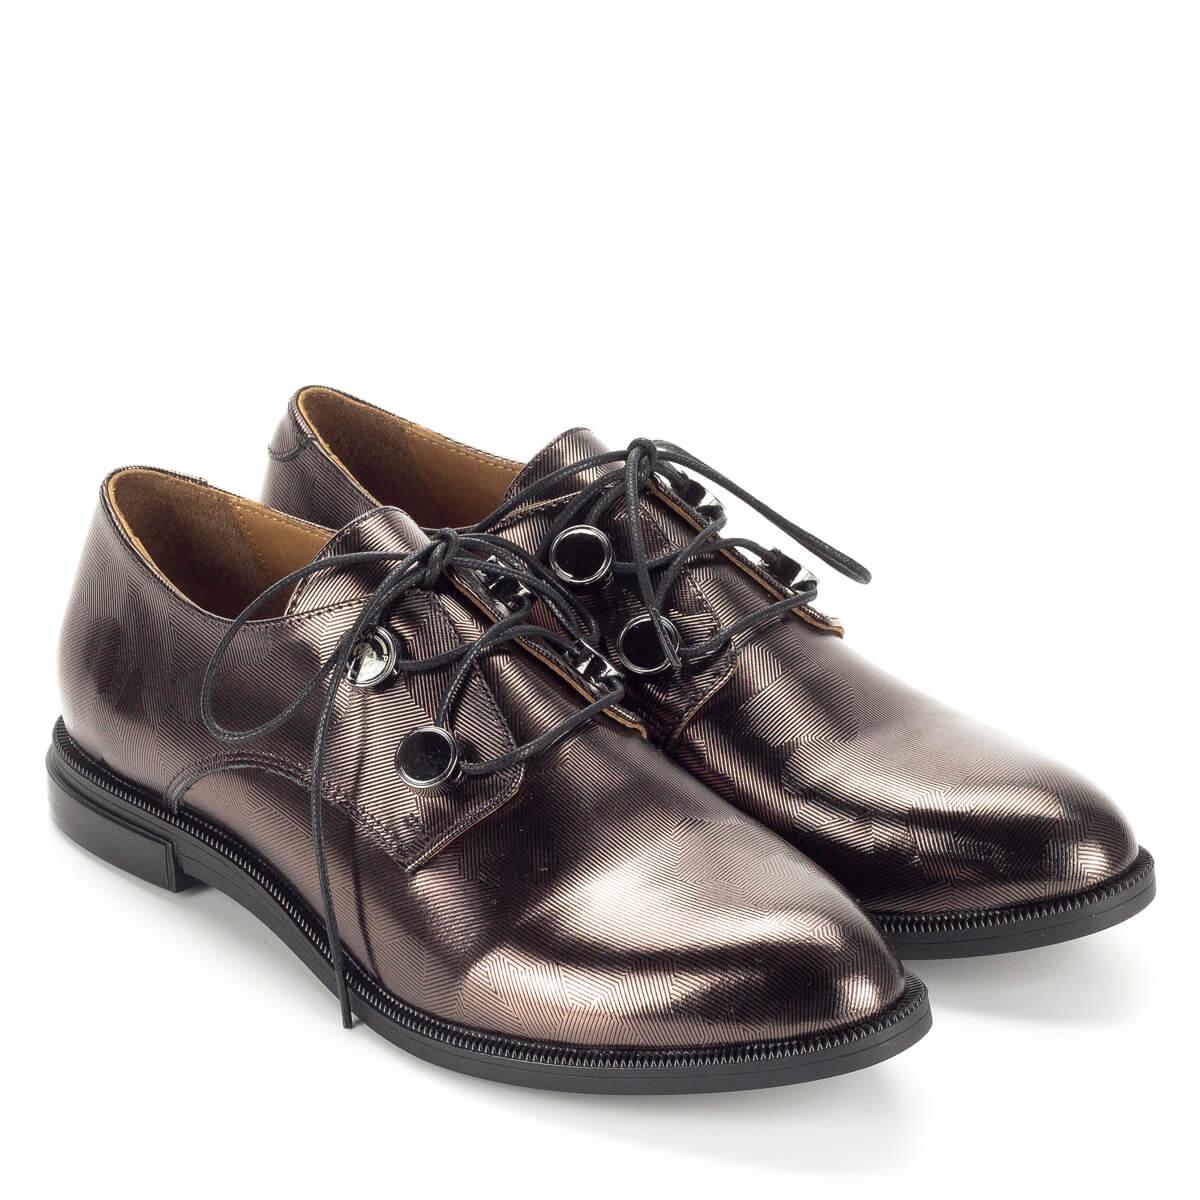 Pemla fűzős női cipő bronz színben lapos sarokkal. Anyaga bőr. A zárt fűzős  cipők ... 49e030ed3d